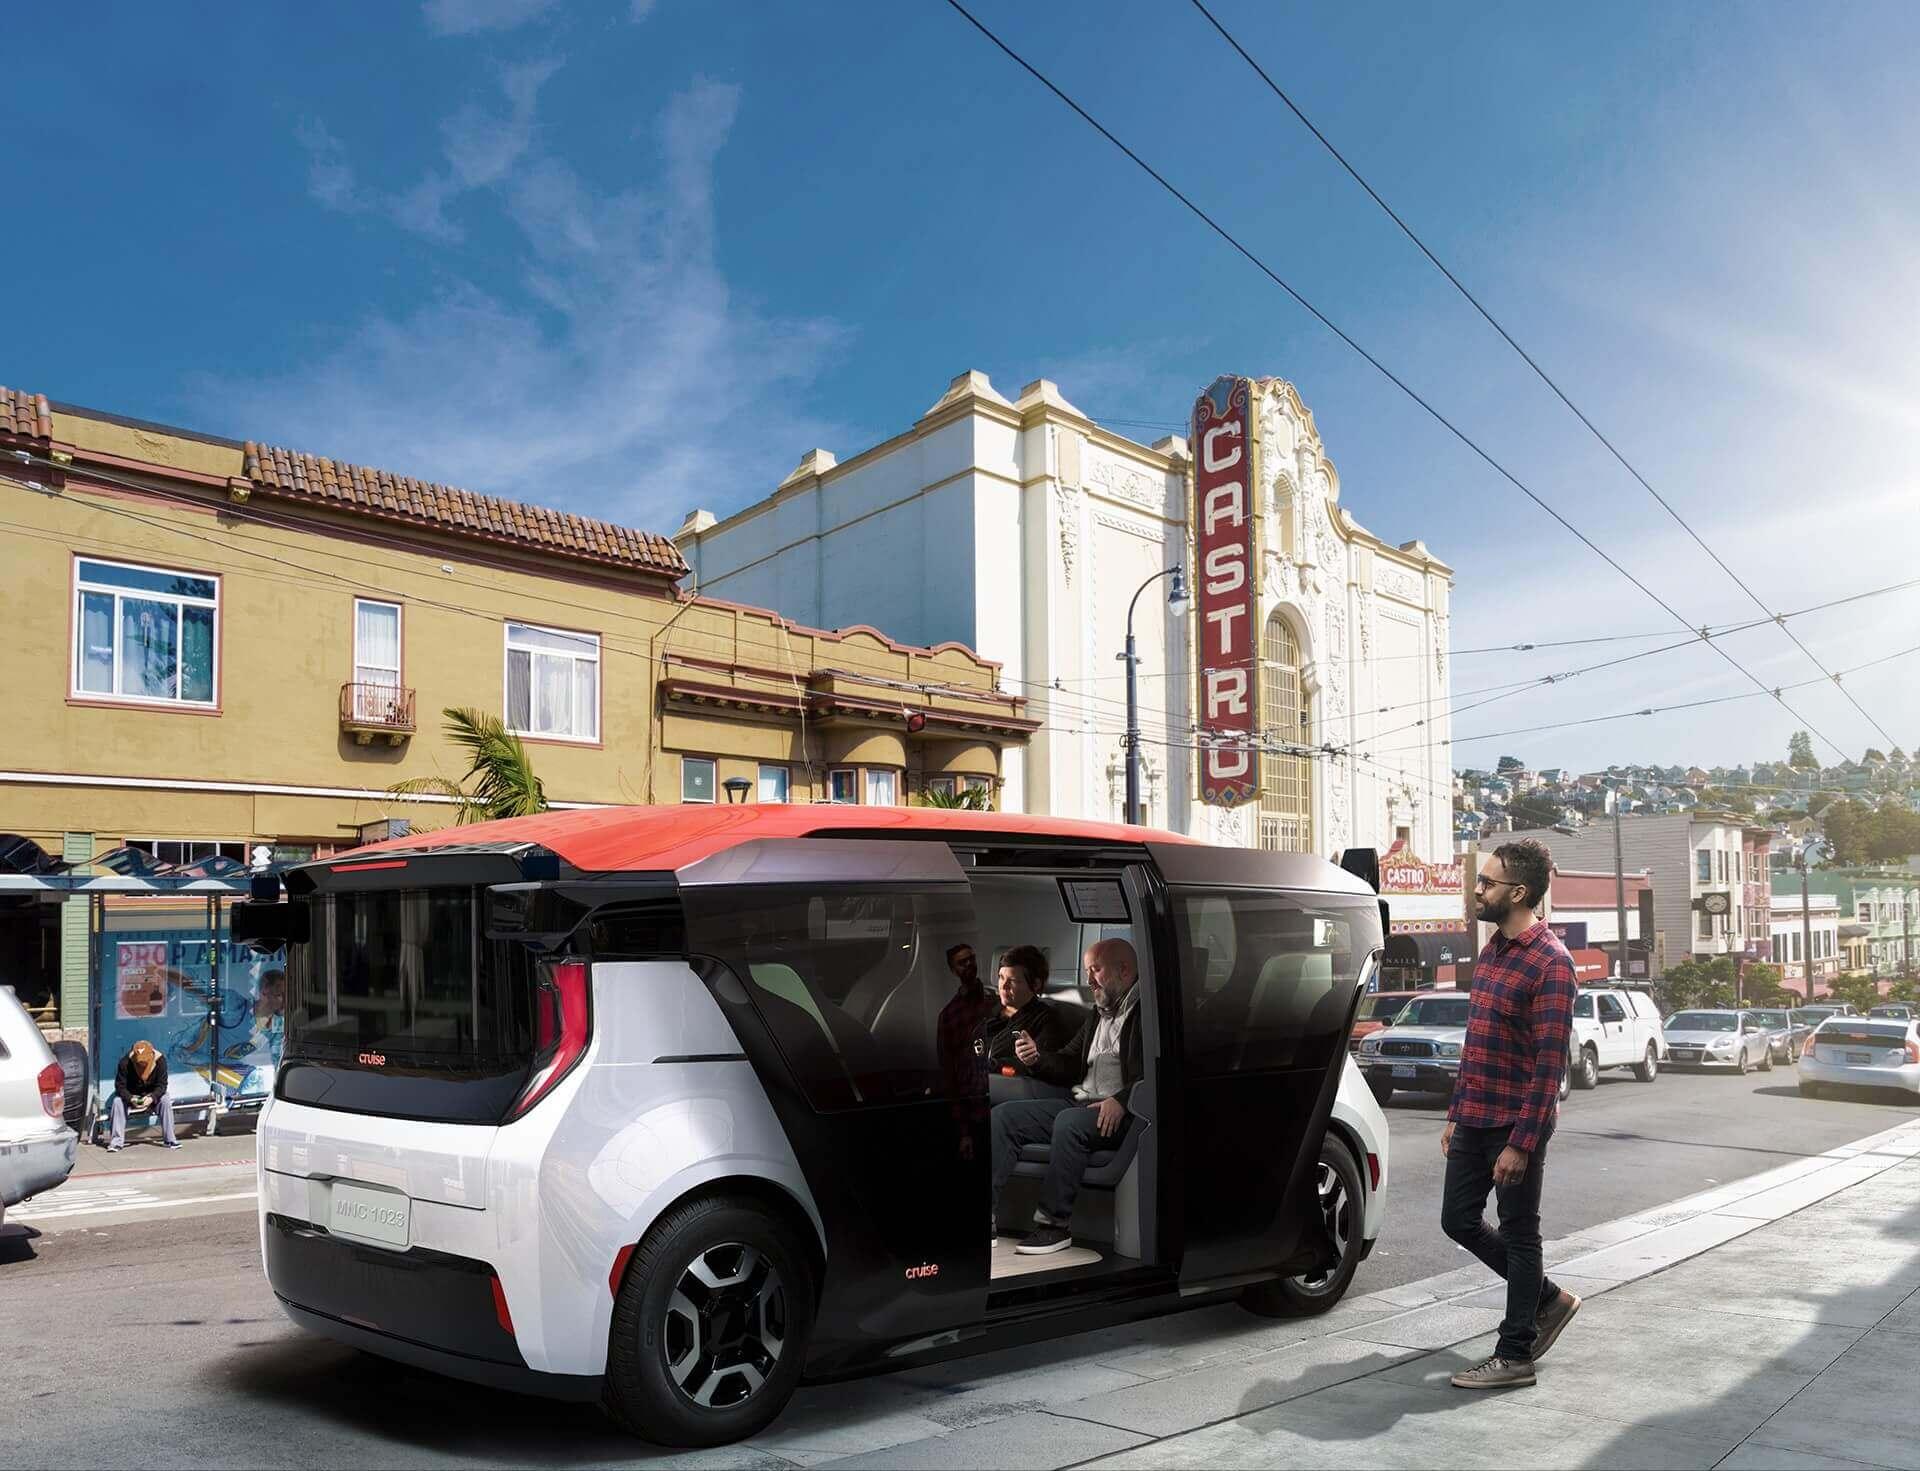 GM Cruise представил беспилотный электромобиль для совместного использования